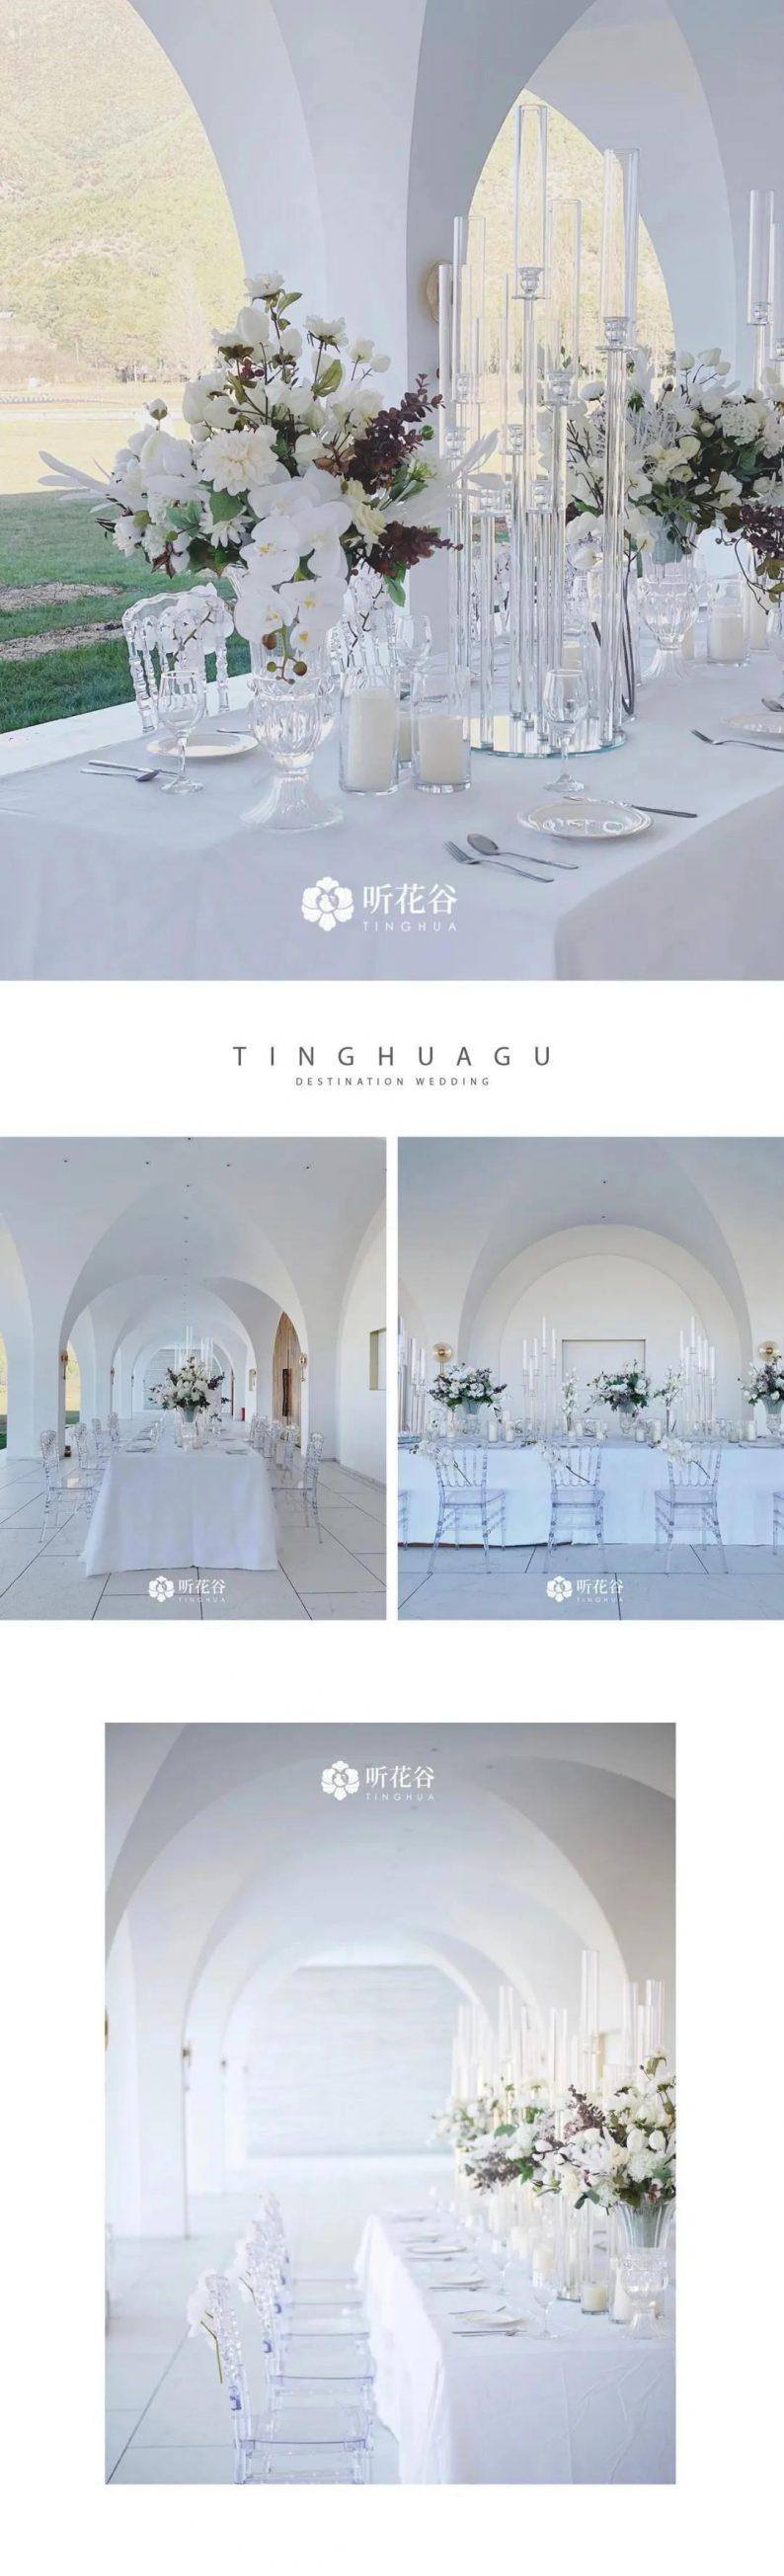 婚礼堂发布:雪山下的圣洁礼堂,丽江婚礼新地标  第12张